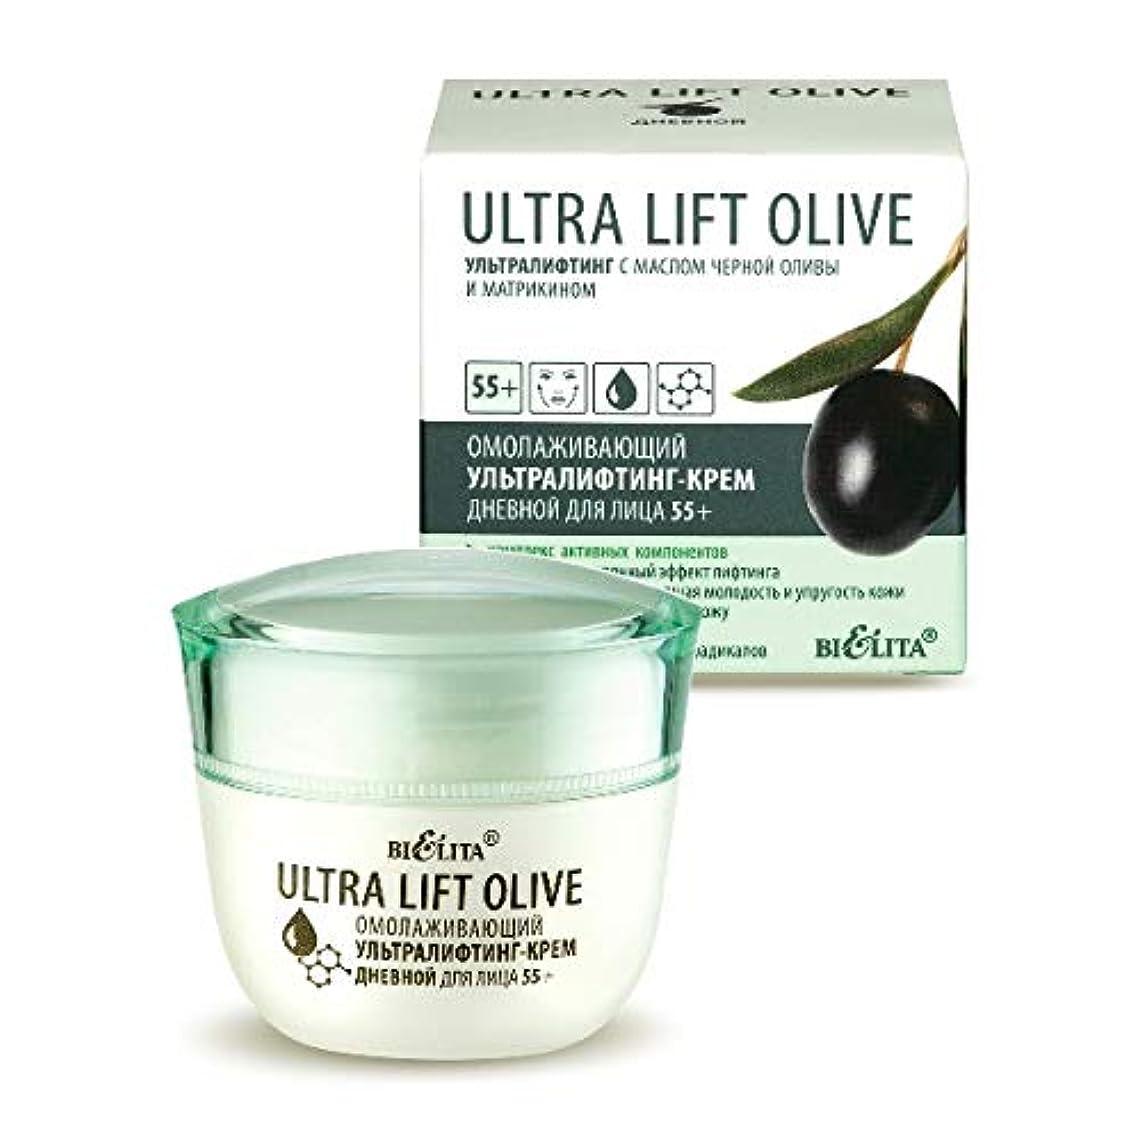 絡み合い眉電球Bielita & Vitex   Ultra lift olive   Face Lift Cream daytime ultralighting-face cream 55+   reduces wrinkles and skin elasticity